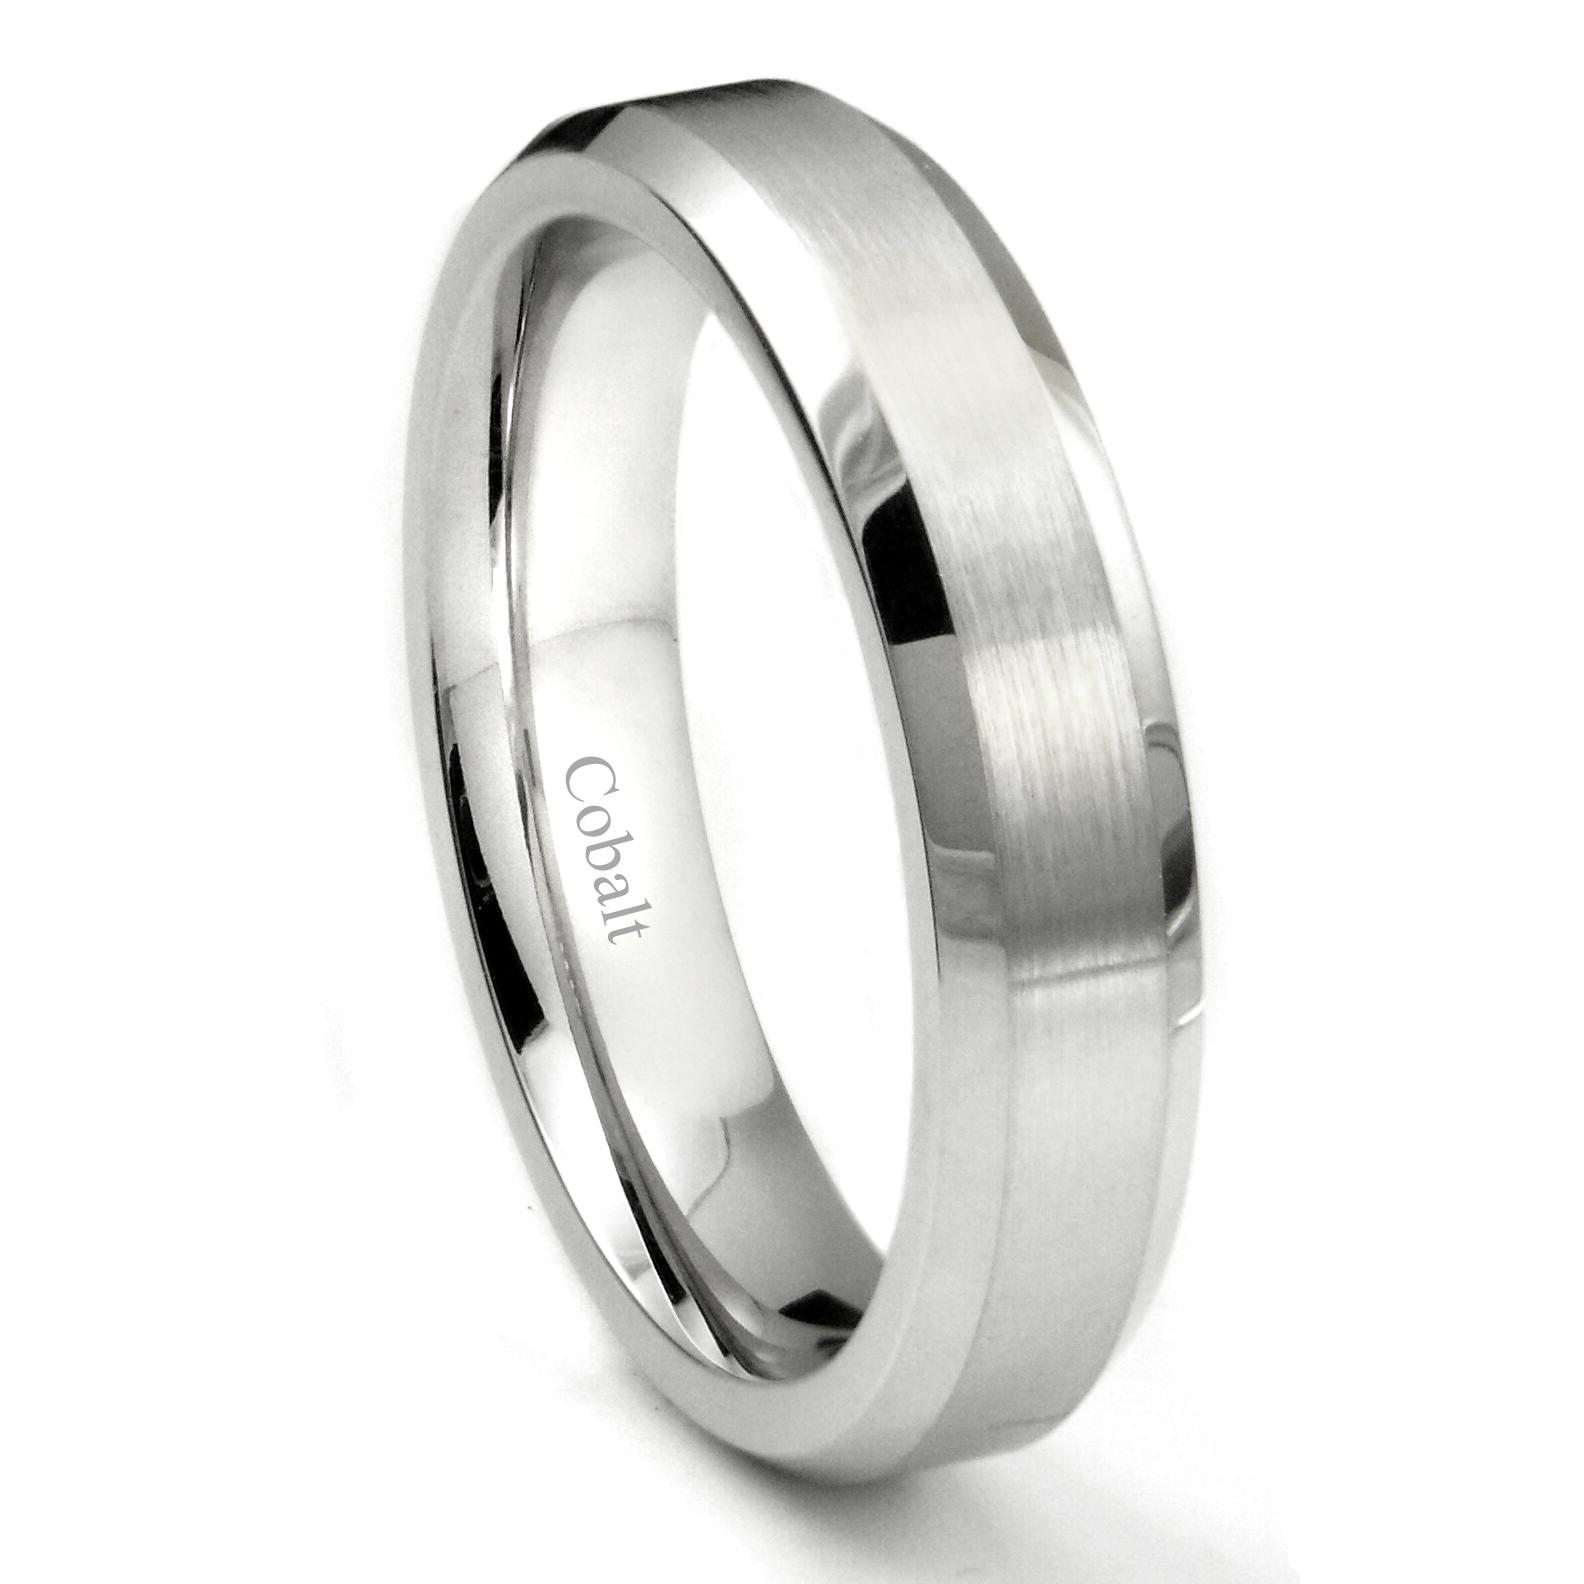 Cobalt XF Chrome 5MM Brush Center Wedding Band Ring W Beveled Edges